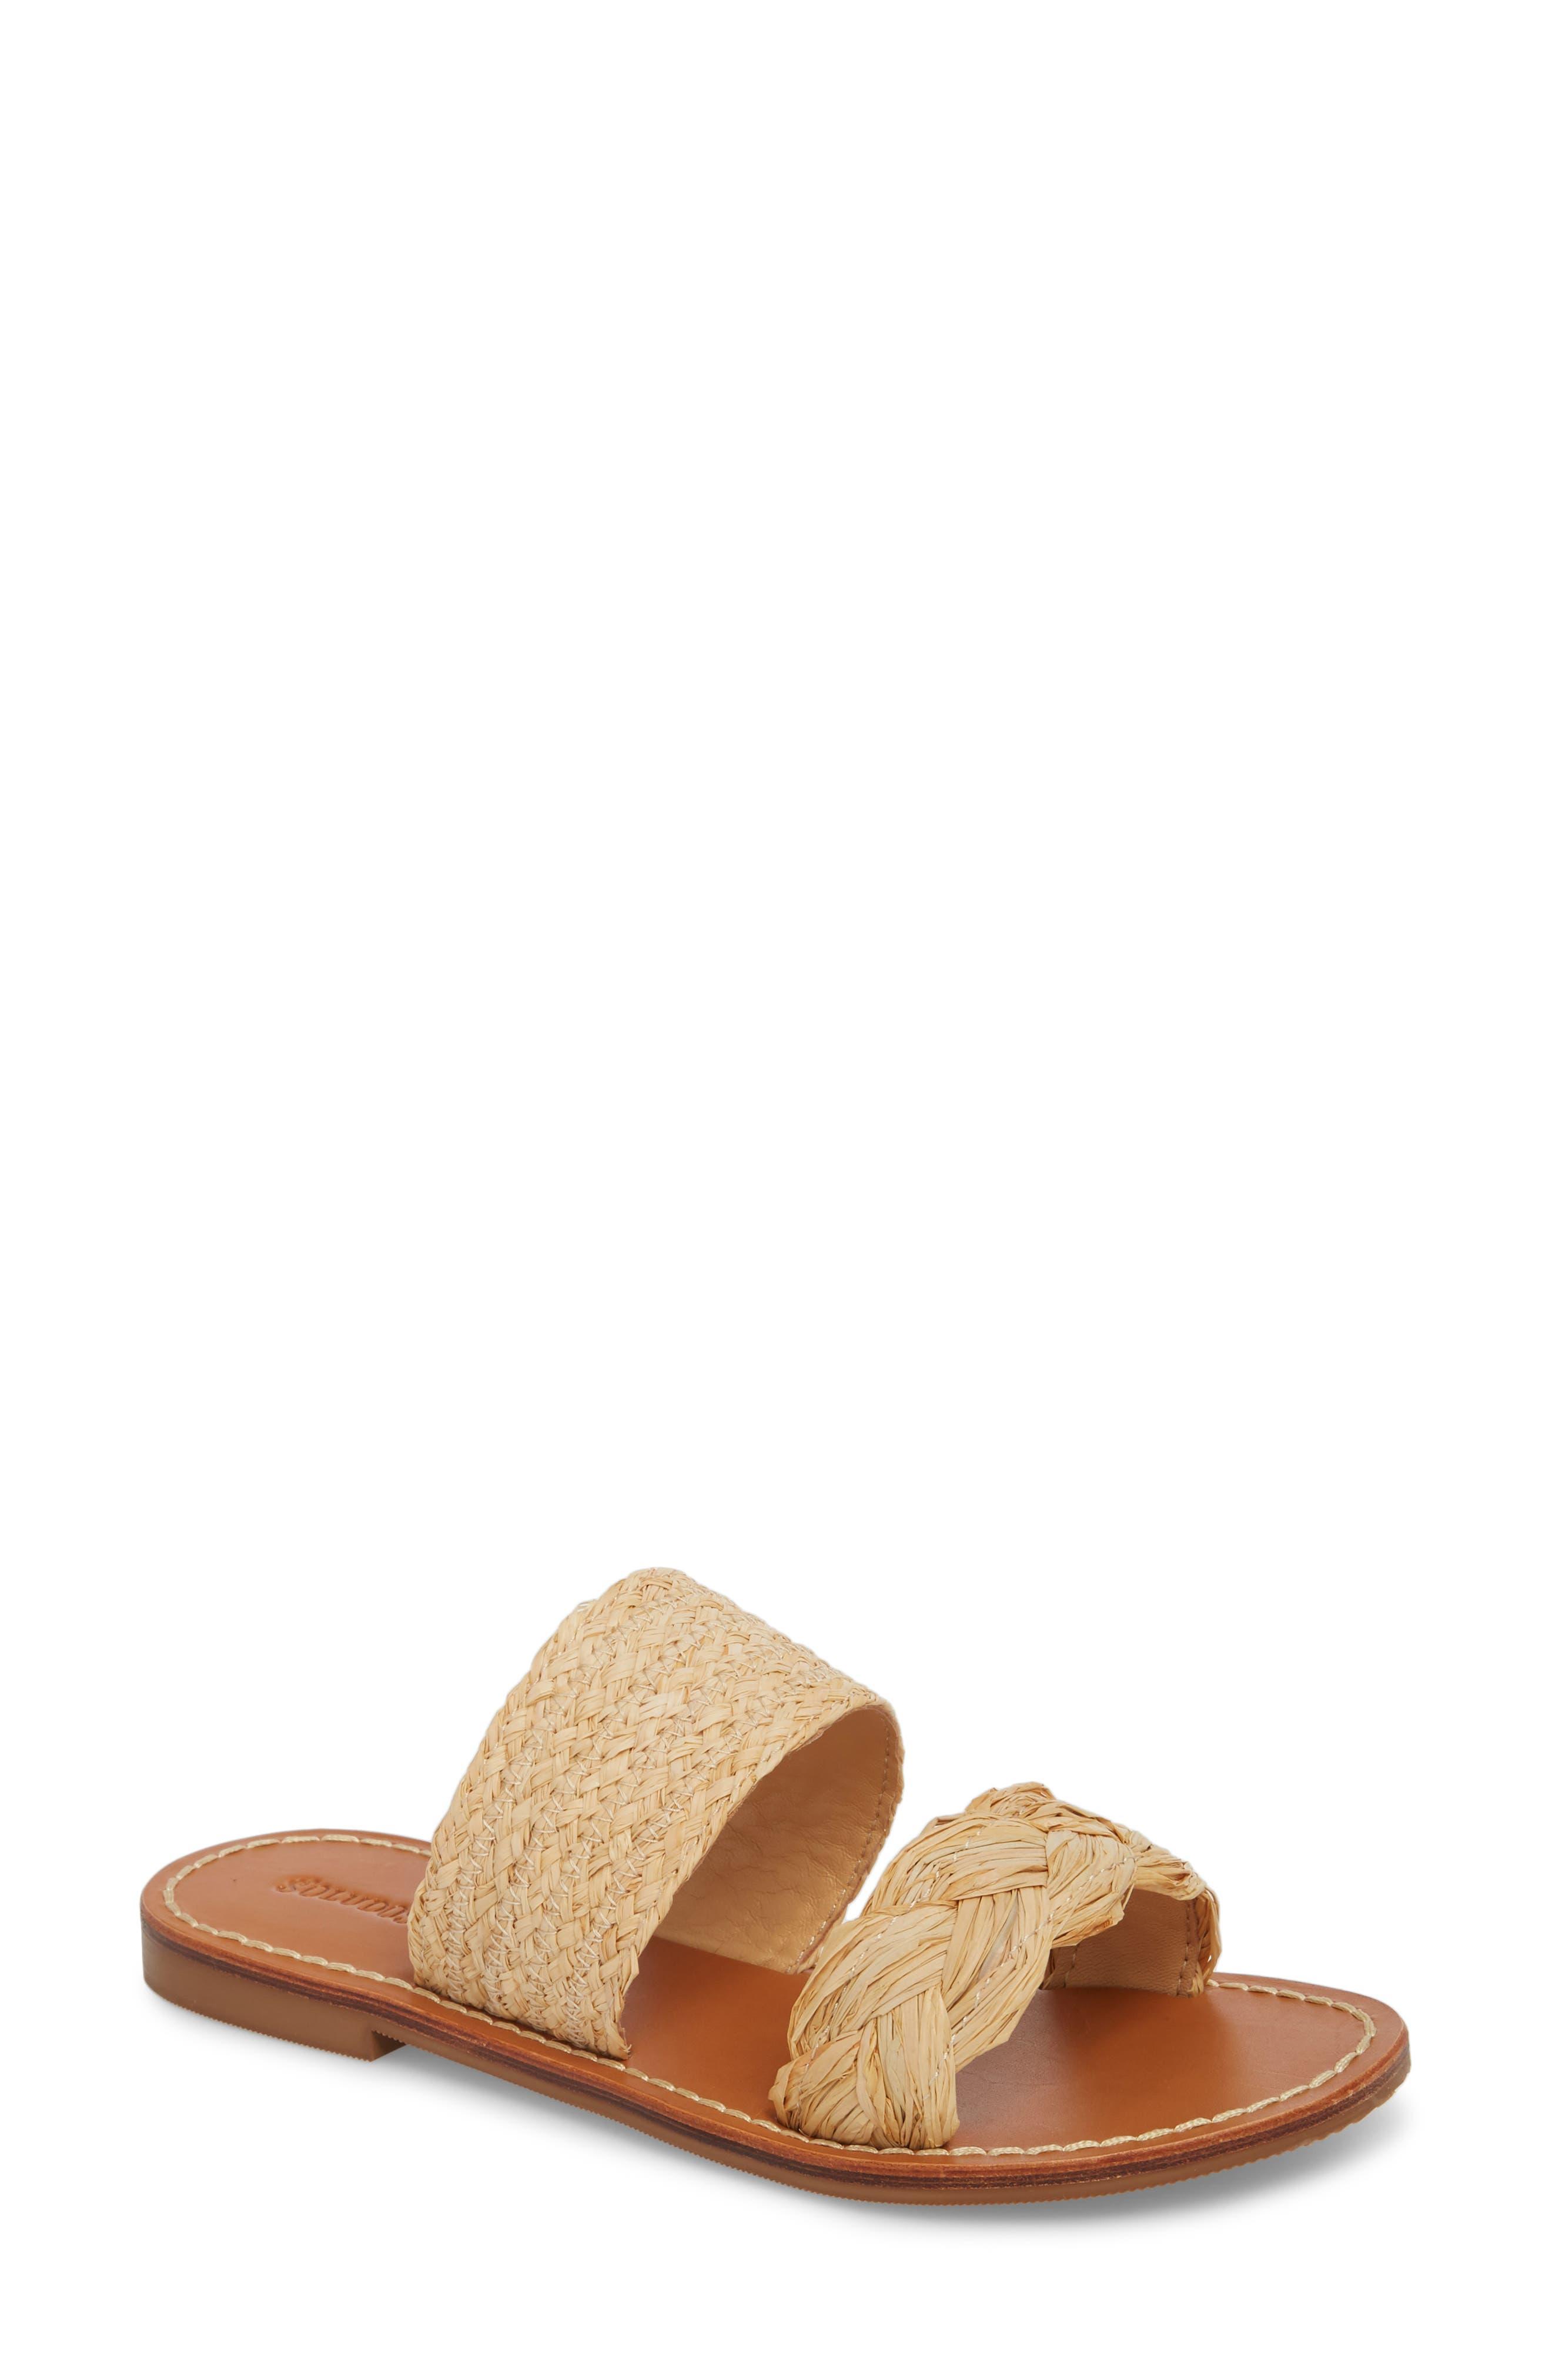 Braided Slide Sandal,                         Main,                         color, 250